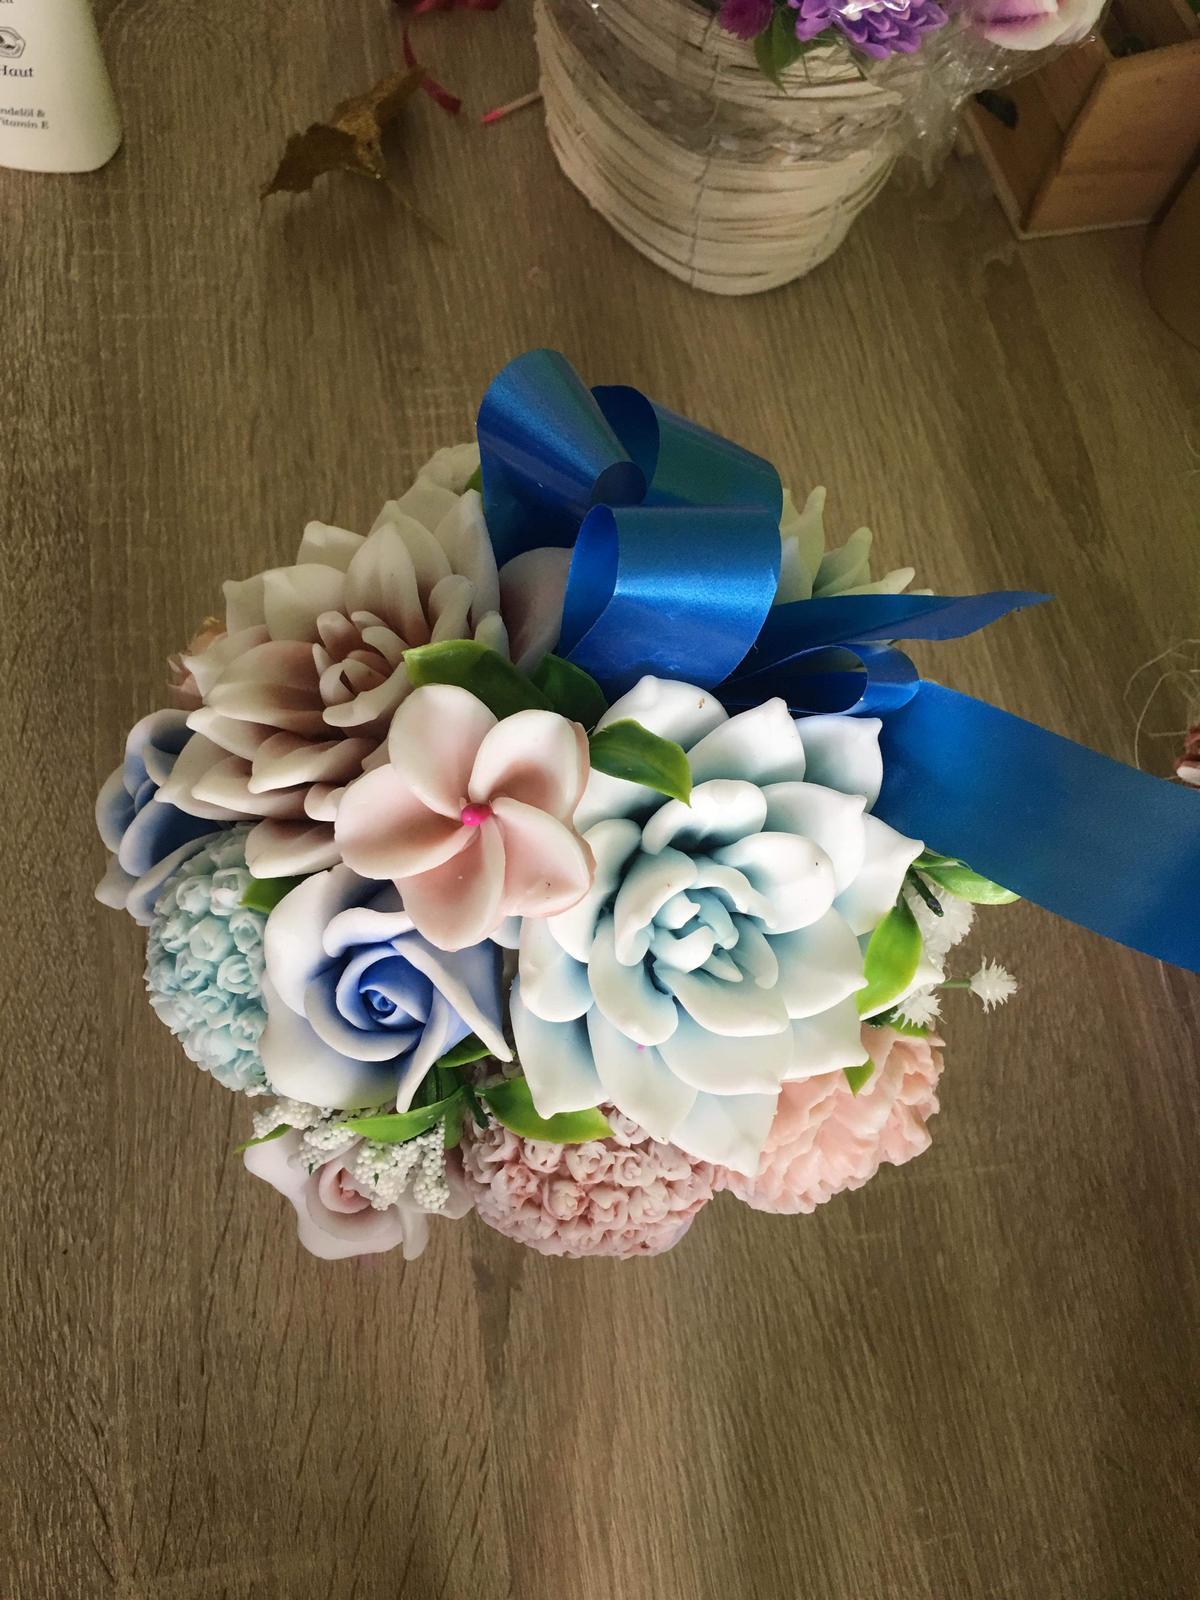 Mydlove kytice dekoracne rôzne  - Obrázok č. 4